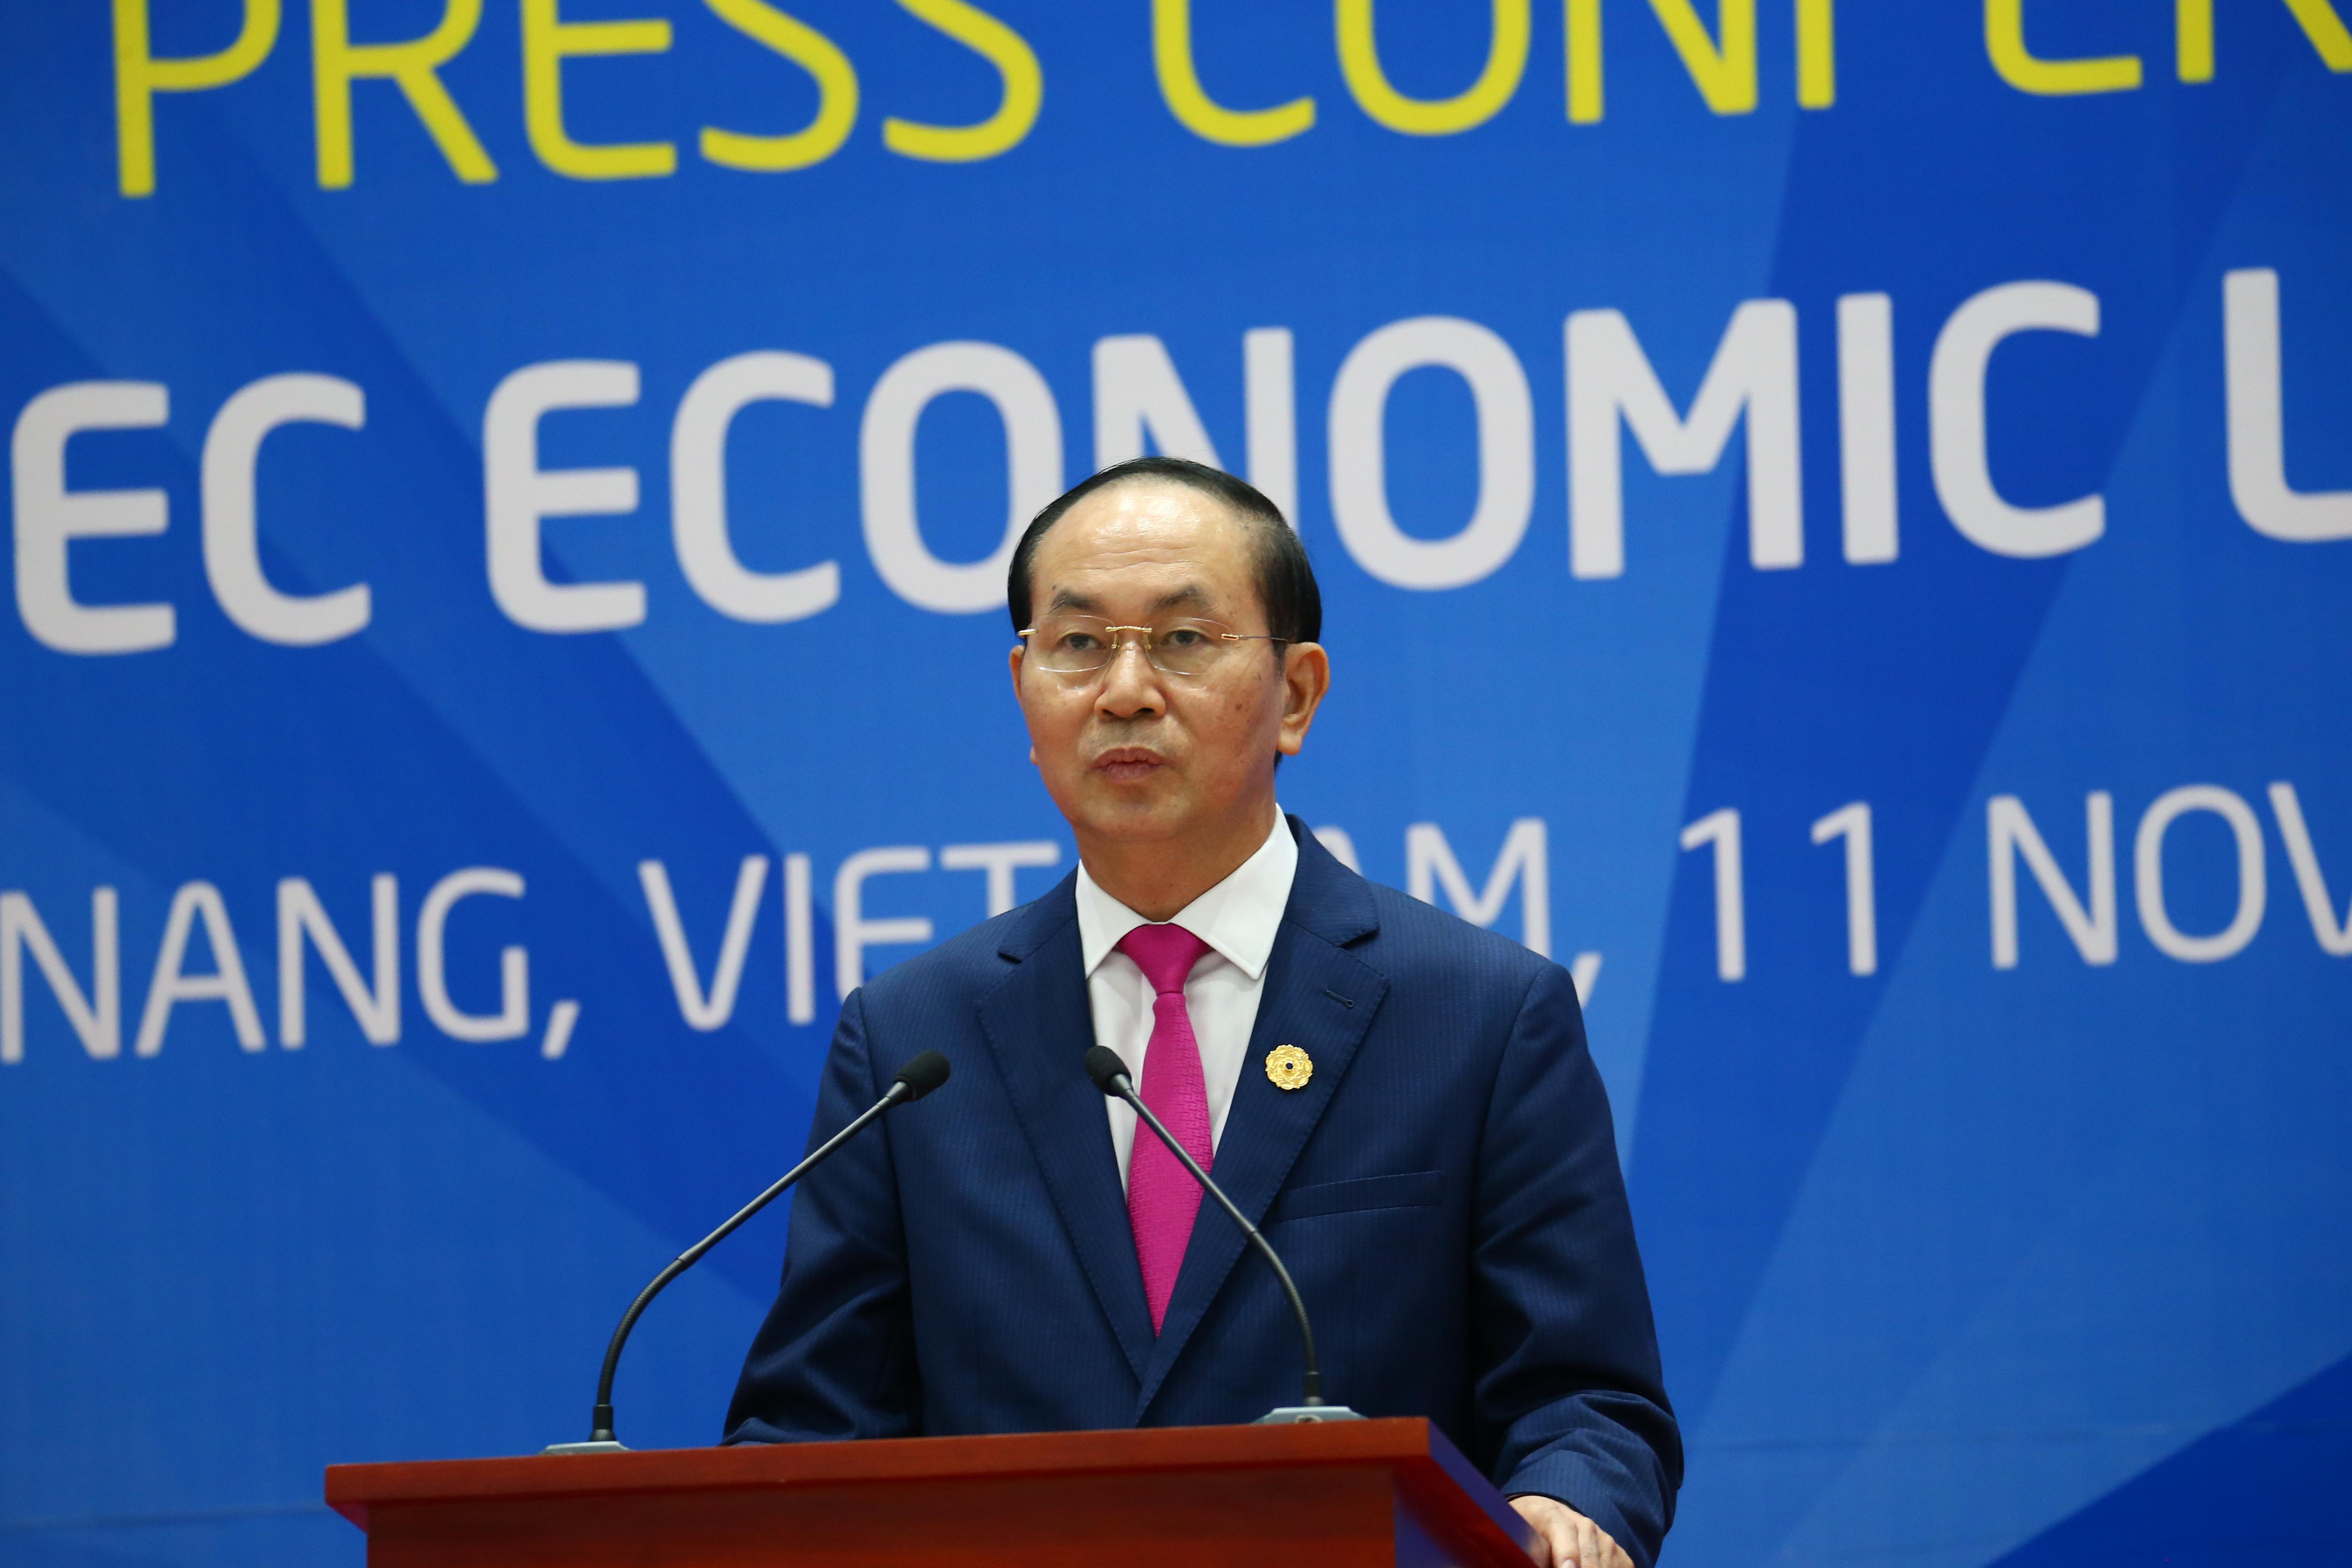 Năm APEC Việt Nam 2017 thành công tốt đẹp: Tạo động lực mới, cùng vun đắp tương lai chung